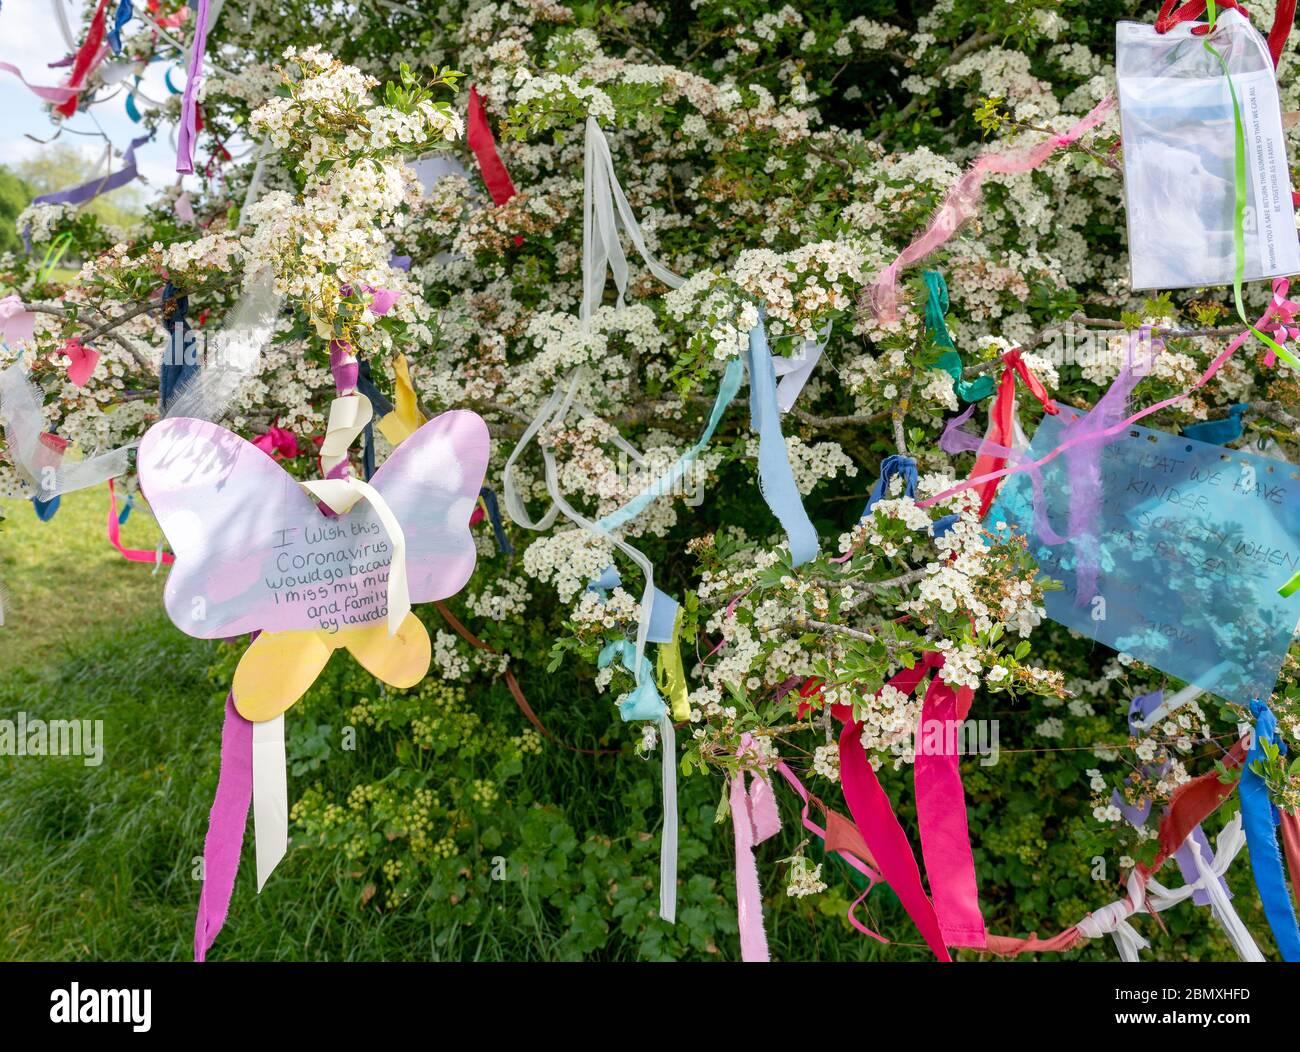 Wish Tree hawthorn couvert en mai fleurir rubans colorés et souhaits sur les Downs à Bristol pendant le Corinavirus pndemic de 2020 Banque D'Images